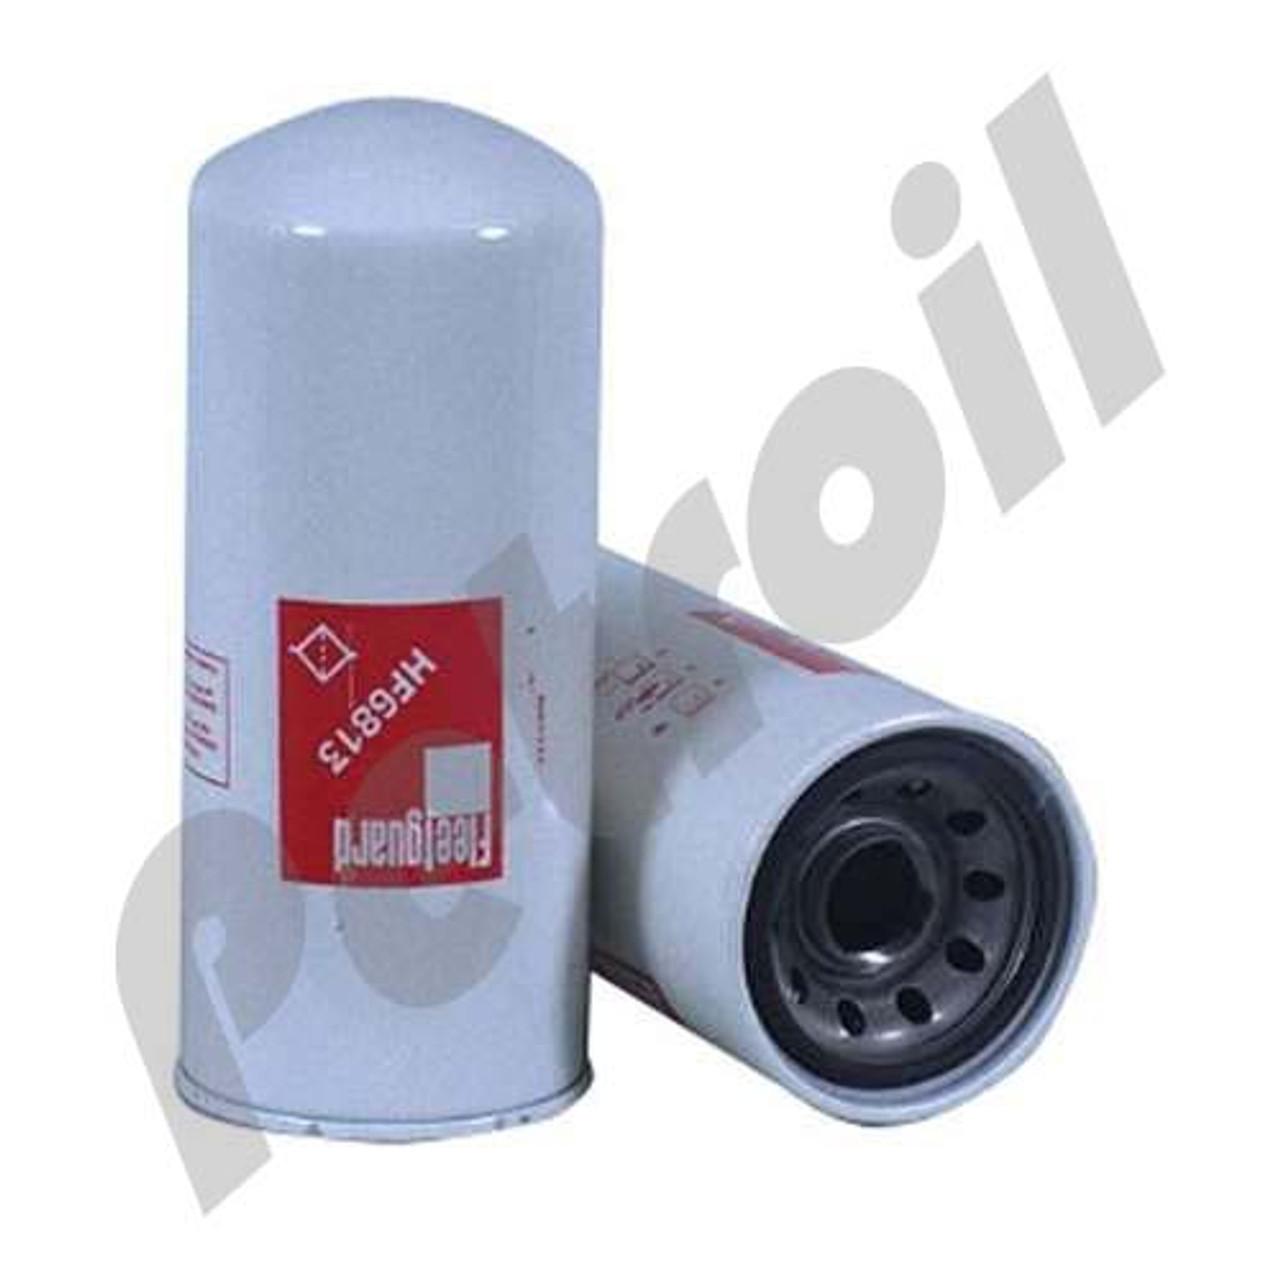 4-13//16 x 11-9//16 In Baldwin Filters BT8813-MPG Heavy Duty Hydraulic Filter